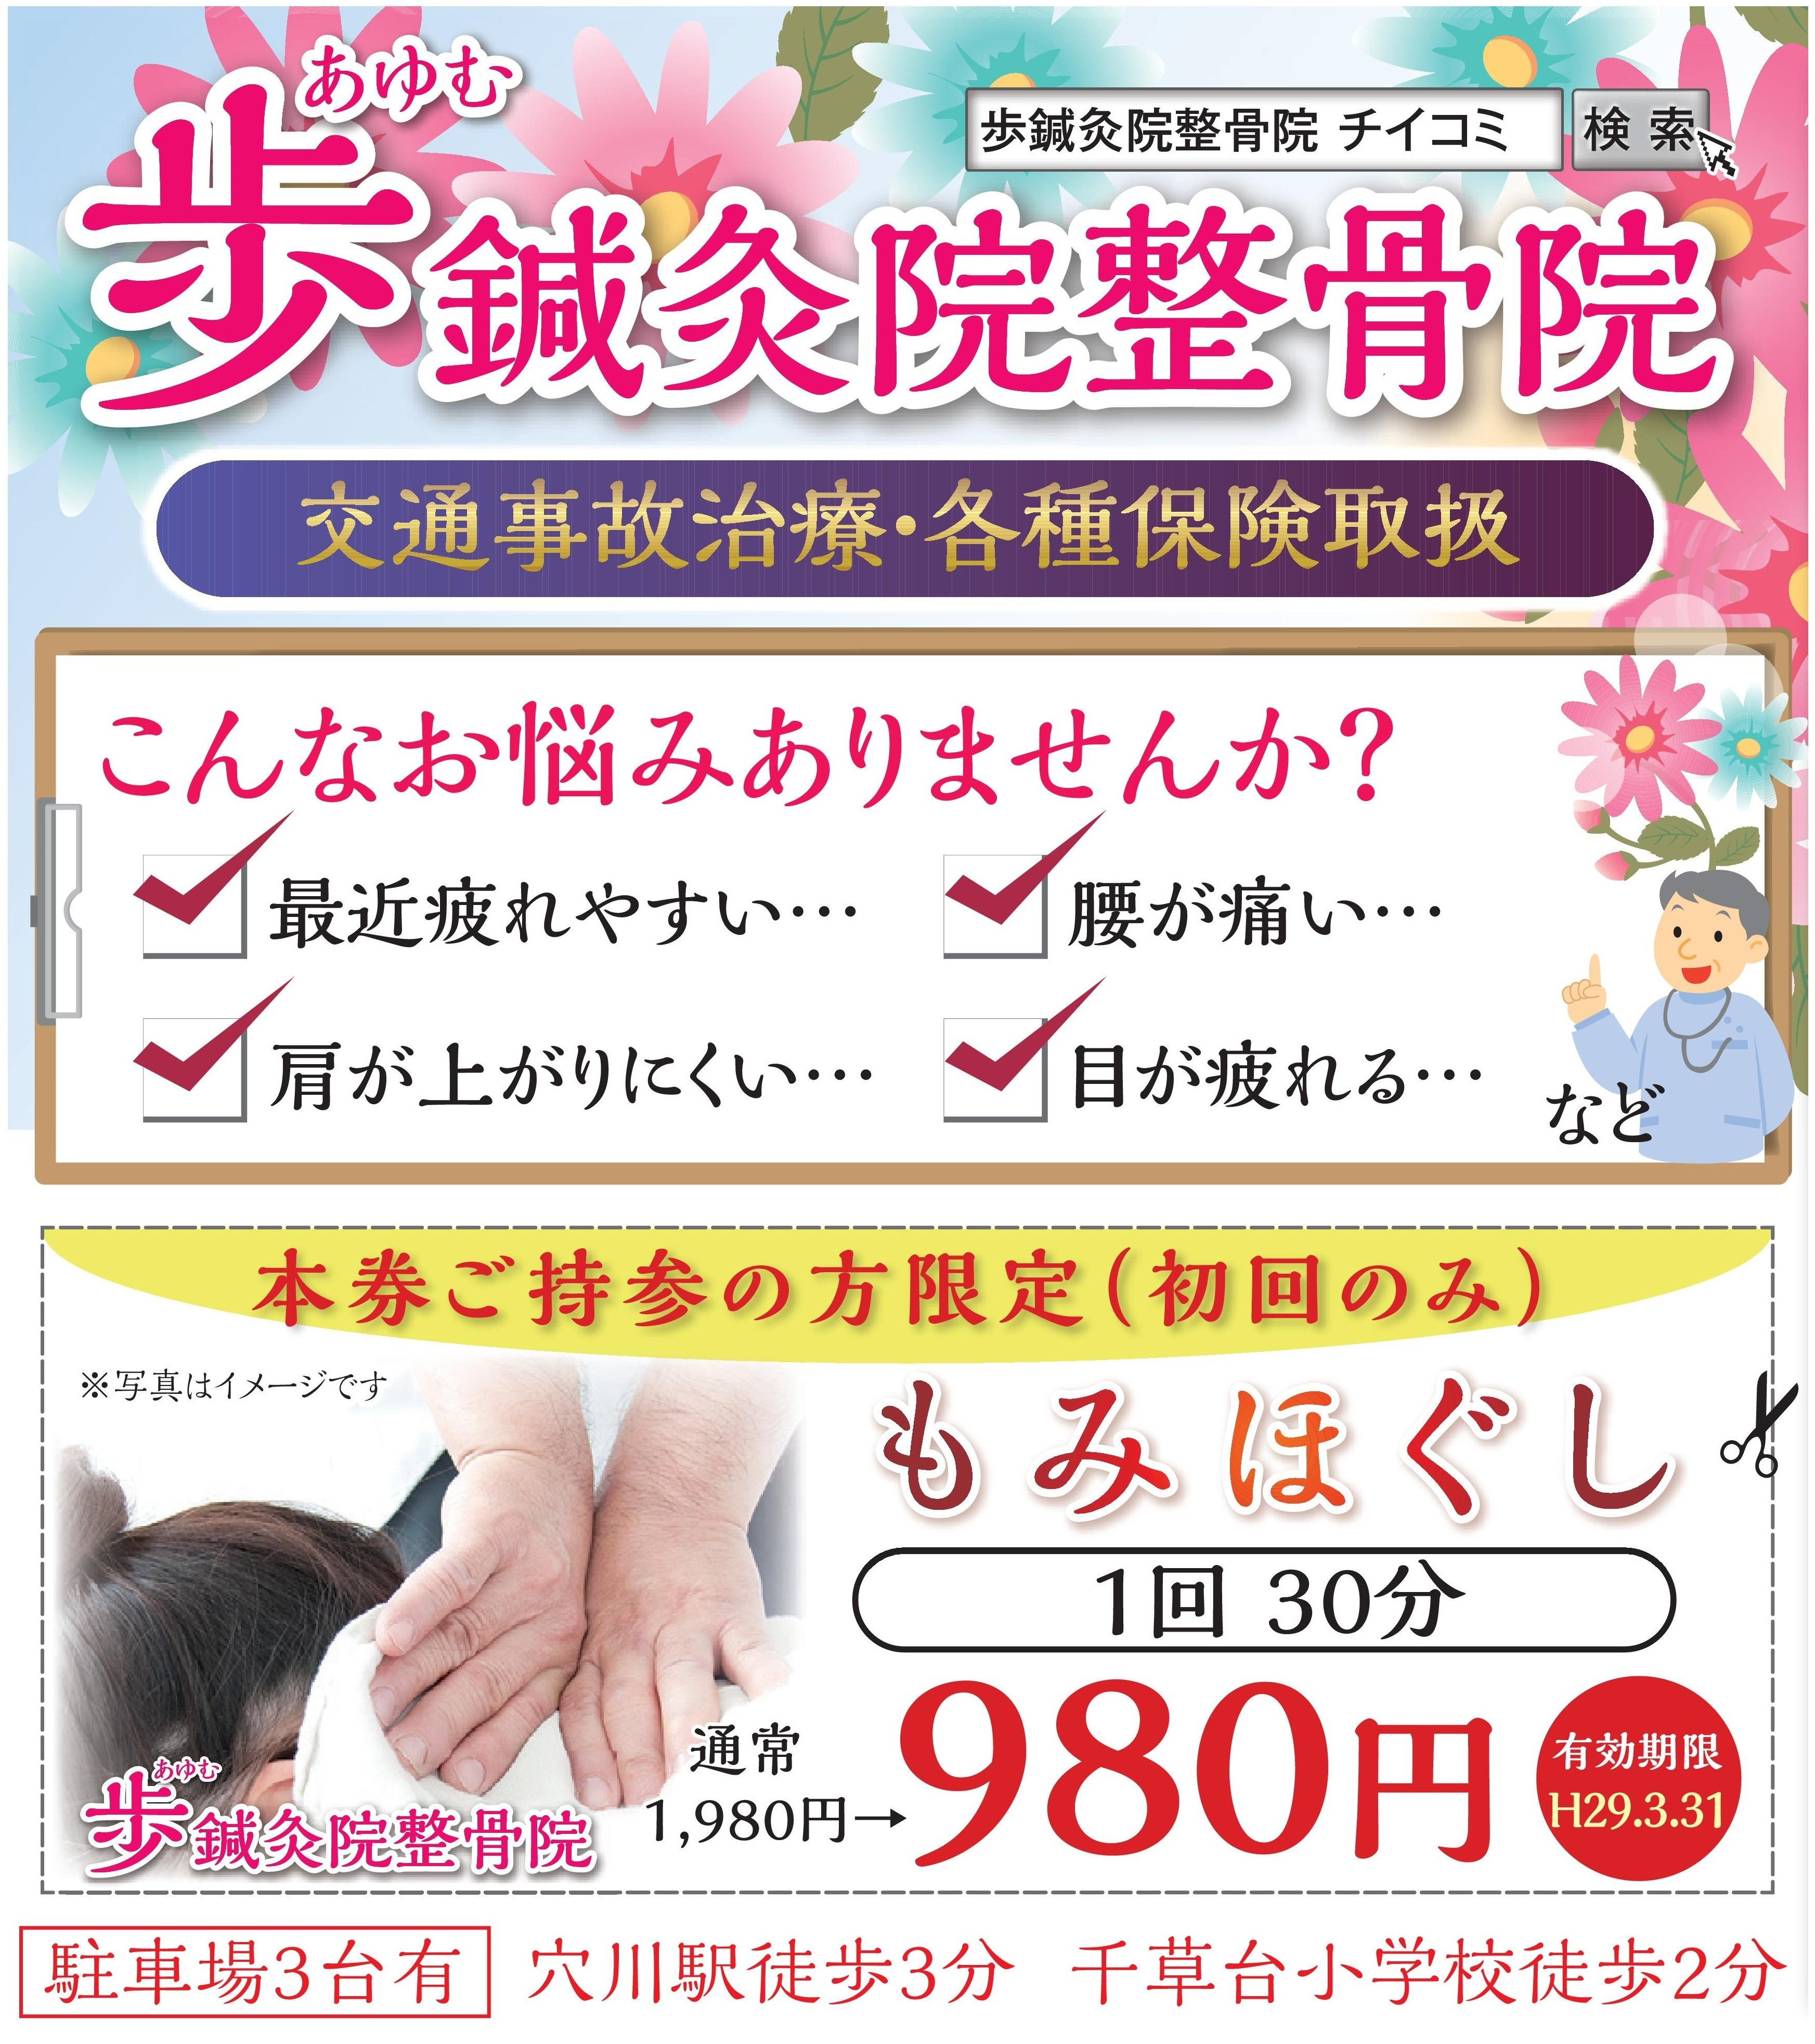 【2/24号ちいき新聞】歩鍼灸院整骨院の広告が掲載されてます!